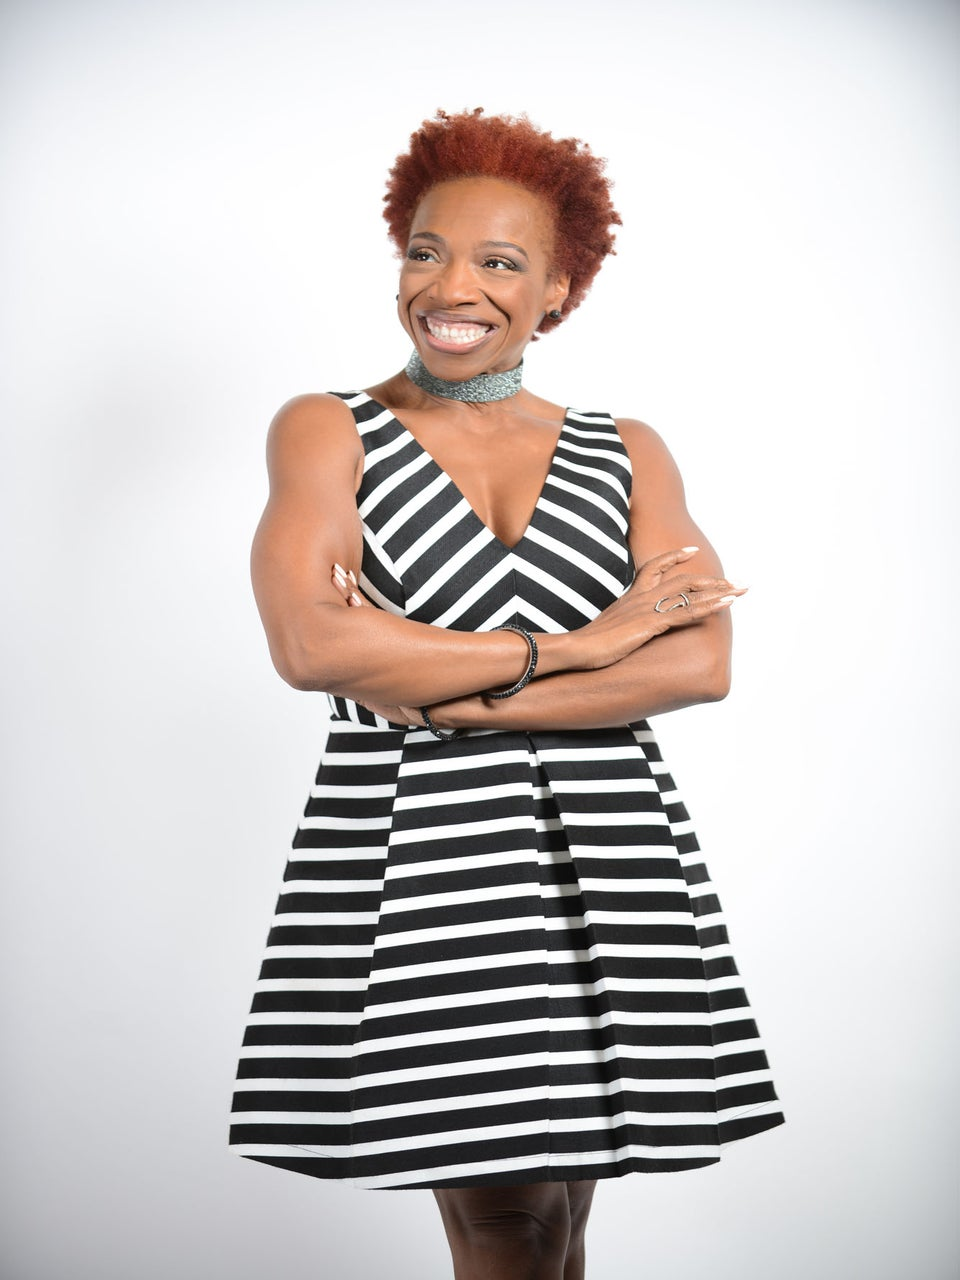 Get Your Abundance With Motivational Speaker Lisa Nichols' Five Steps